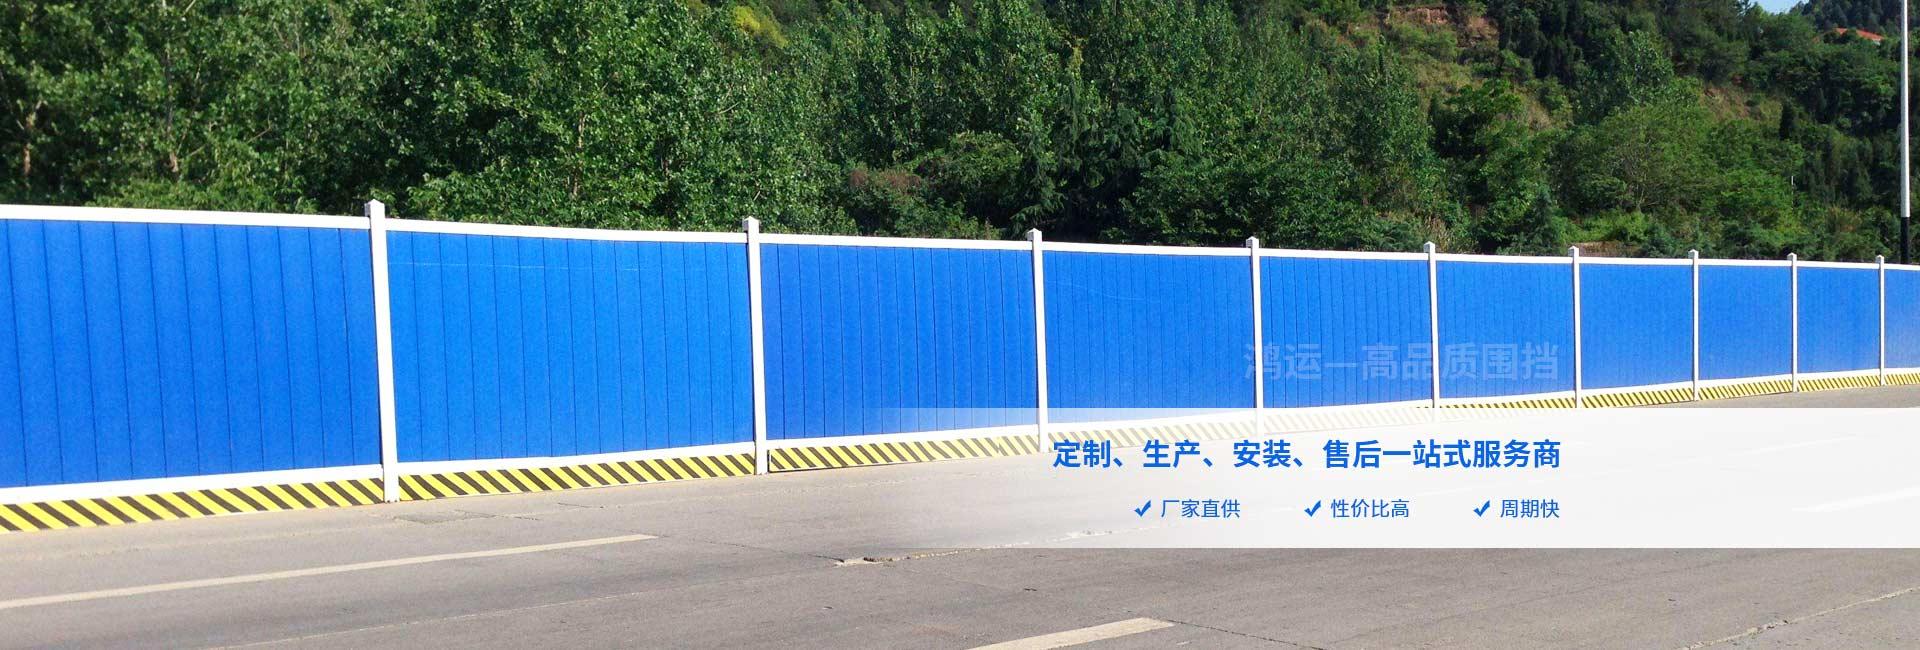 成都九州鸿运市政工程有限公司